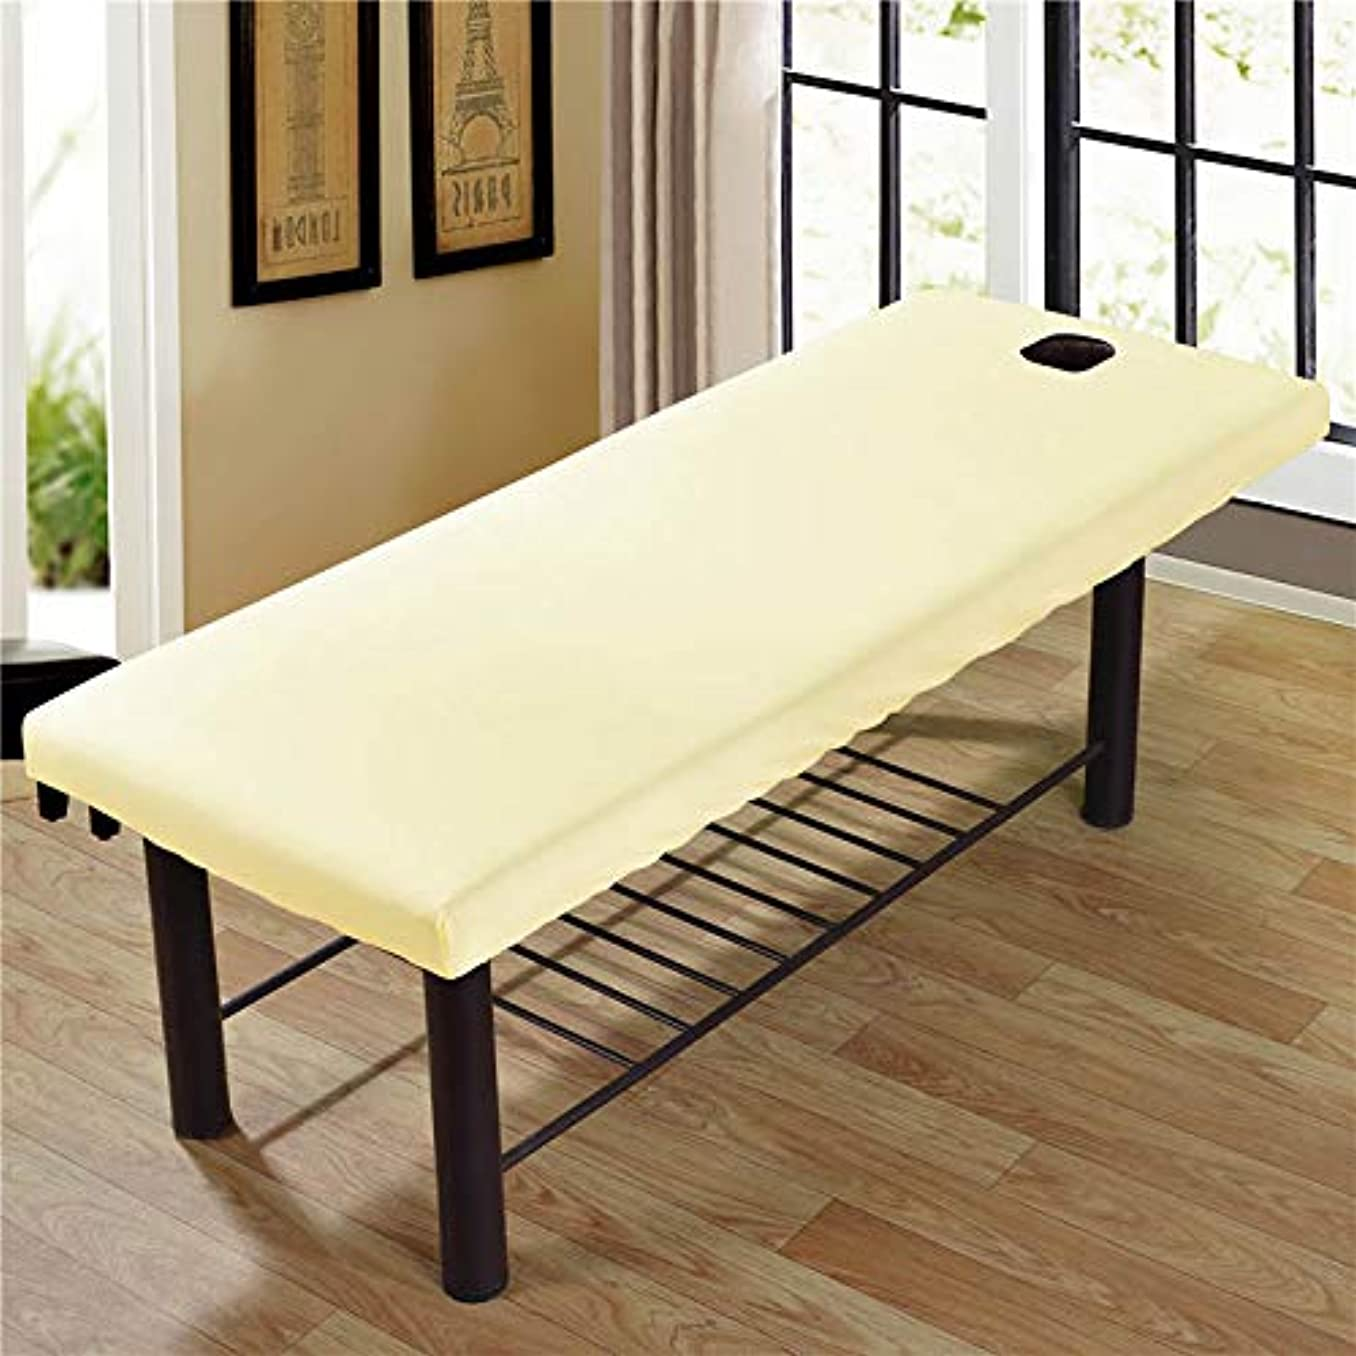 宿結び目軌道JanusSaja 美容院のマッサージ療法のベッドのための柔らかいSoliod色の長方形のマットレス